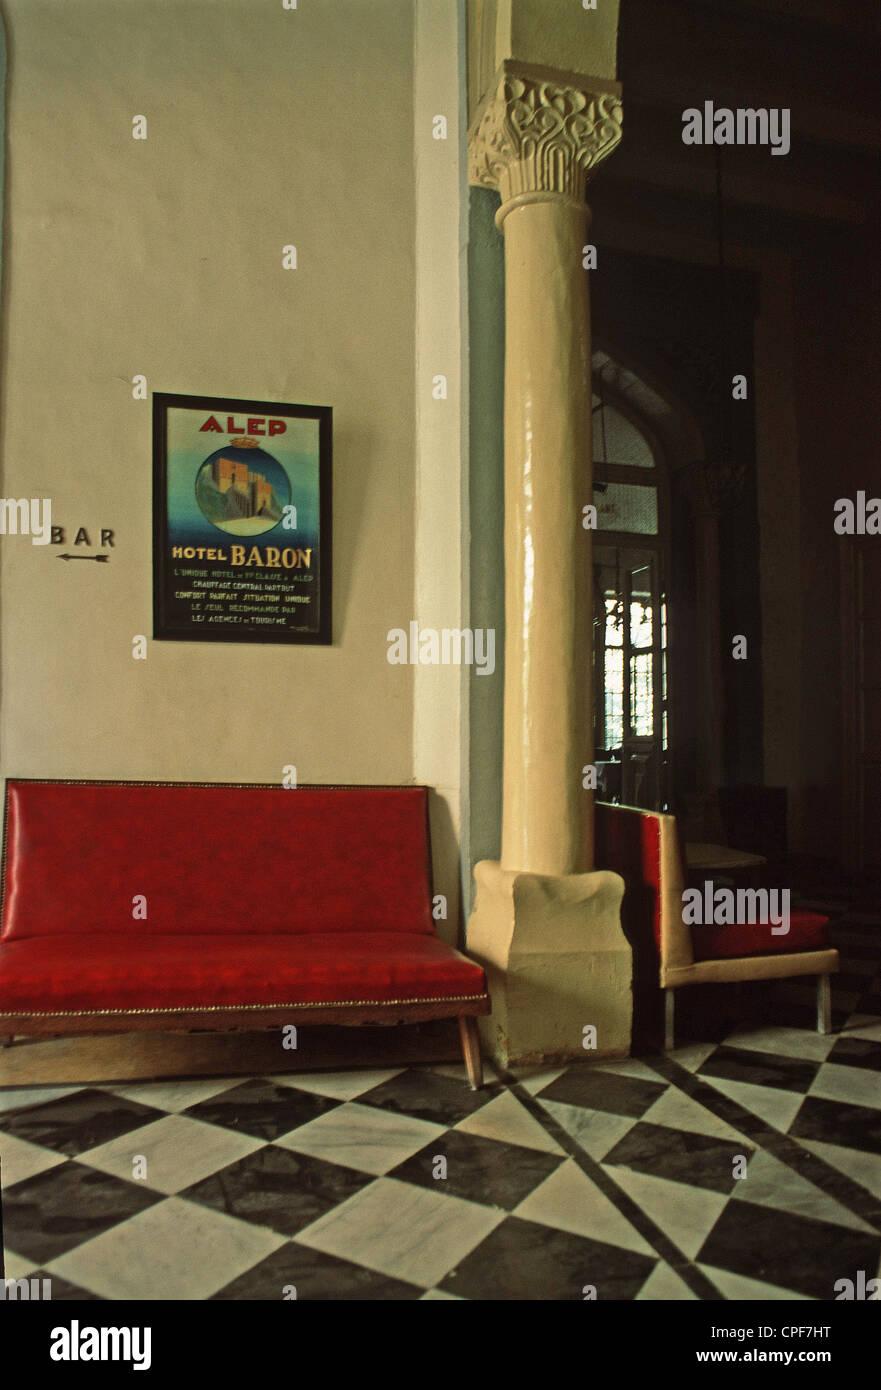 Aleppo (Syria) : Hôtel Baron - Stock Image